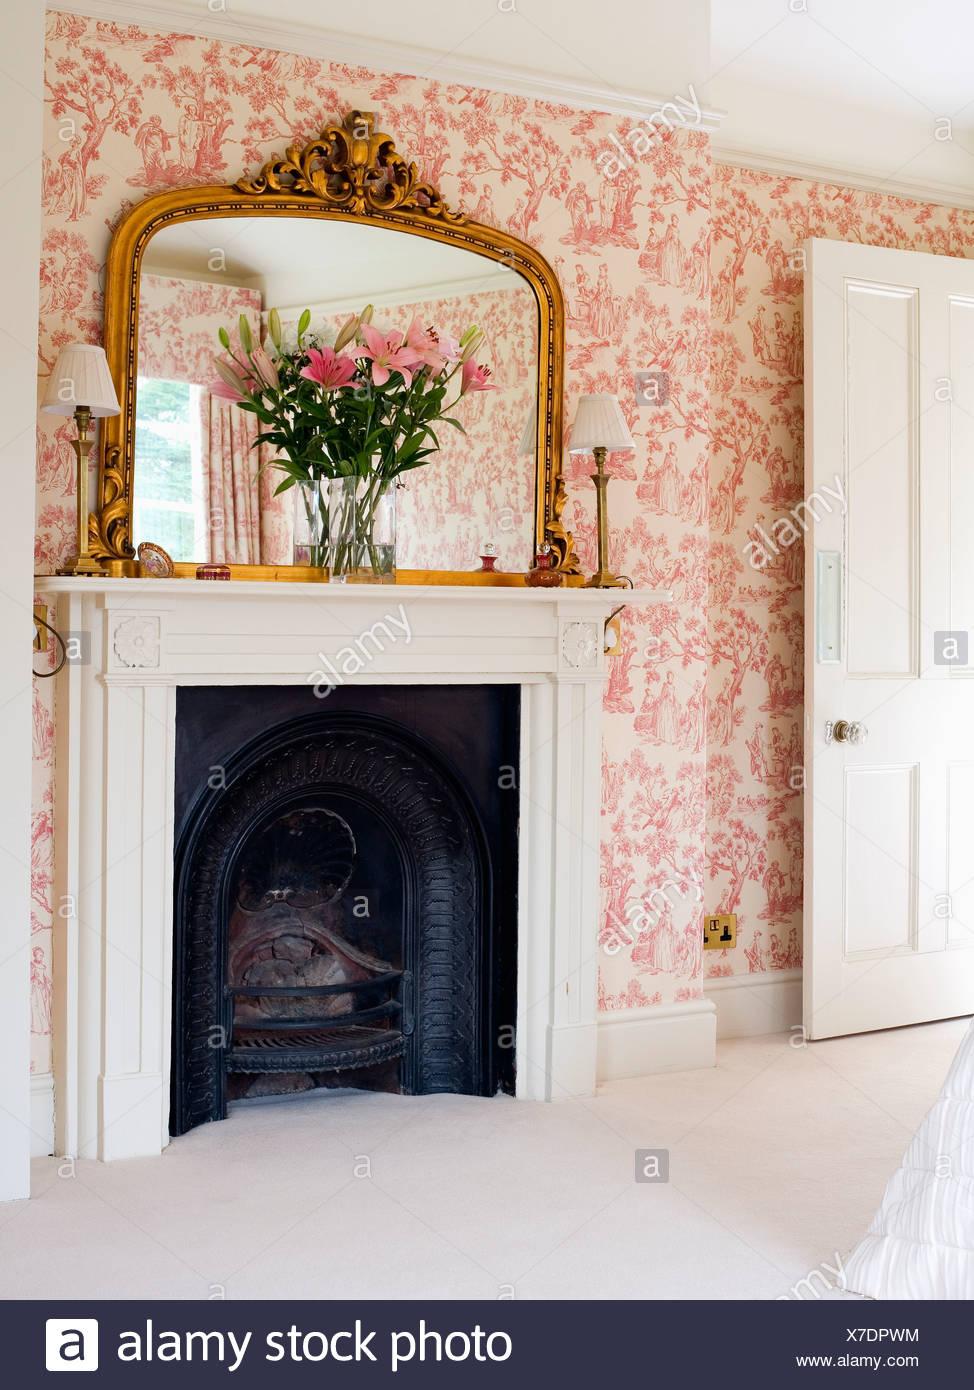 Grand Miroir Dore Au Dessus De Cheminee Dans Chambre Avec Toile Rose